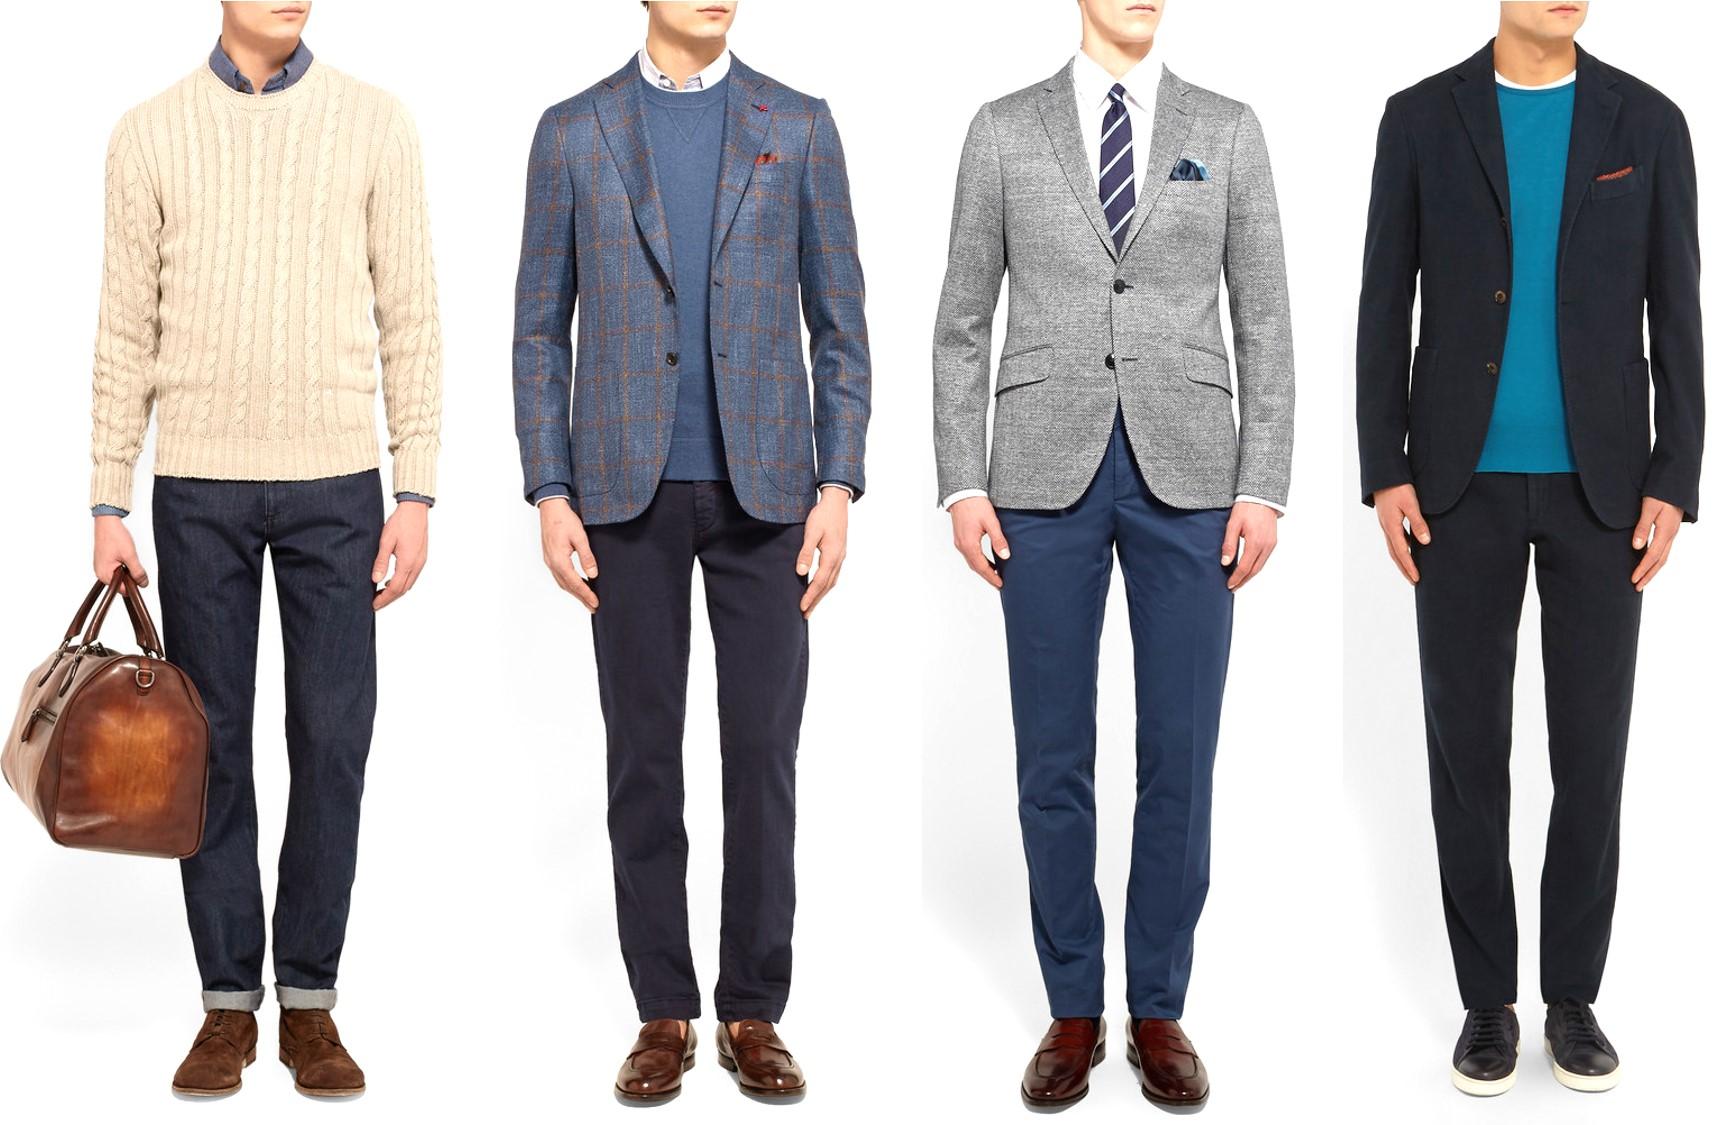 Célèbre Casual Friday: lo stile maschile per il venerdì in ufficio  SO72